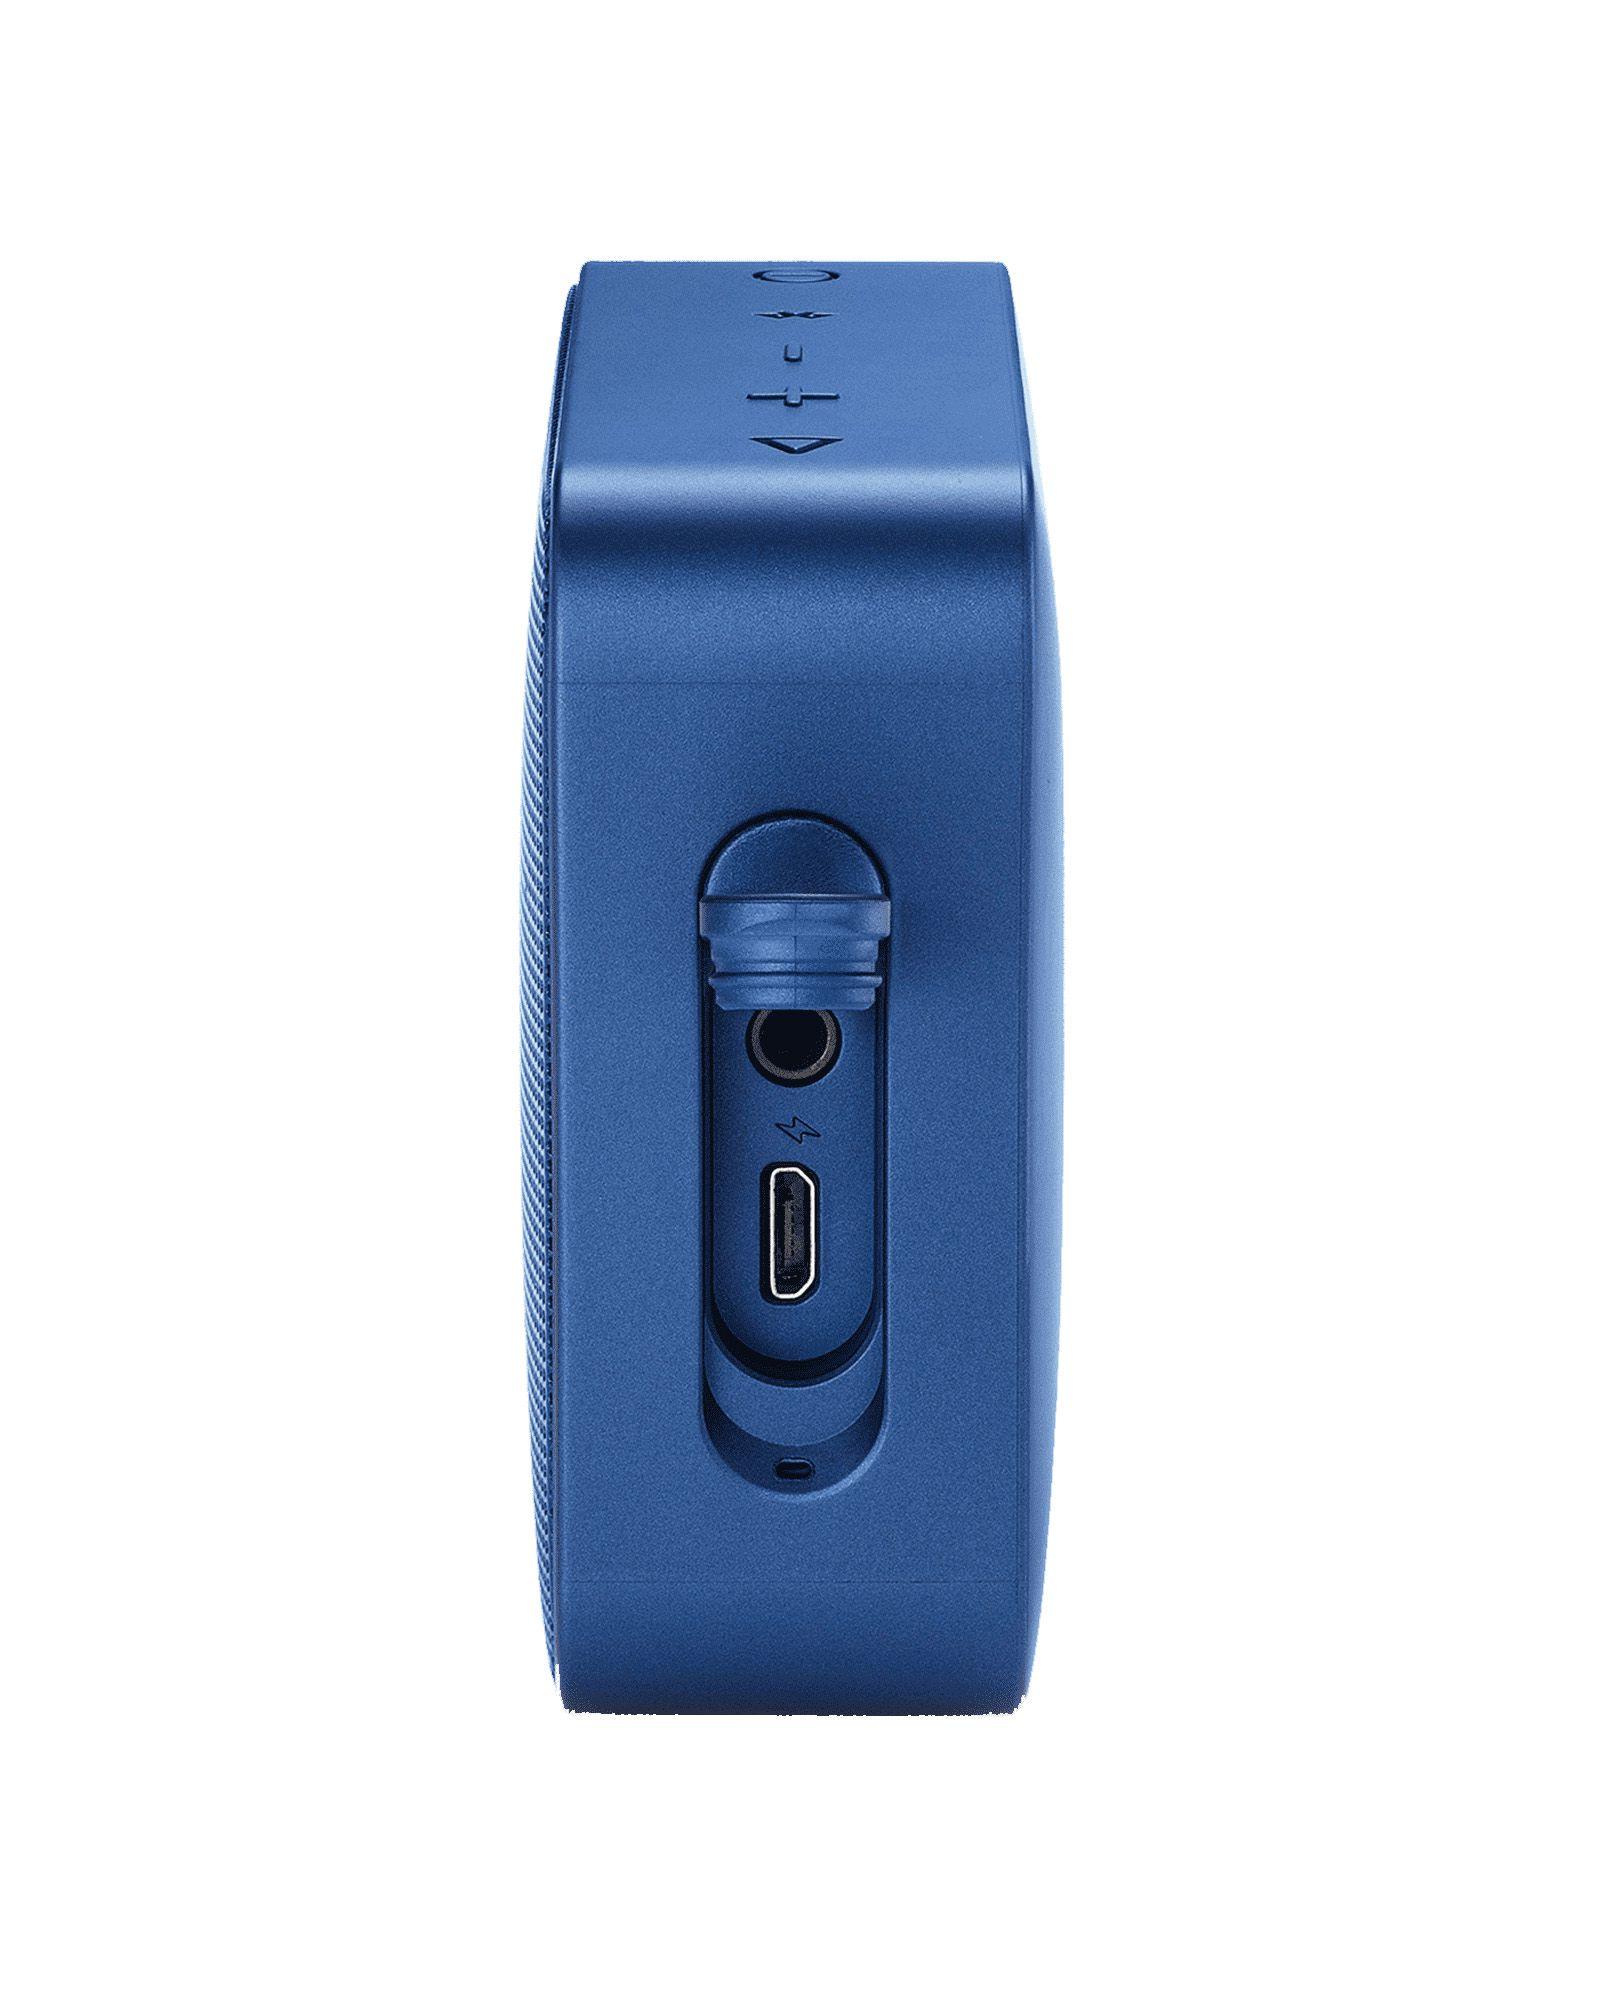 Caixa de Som Portátil Bluetooth JBL GO 2 - Azul